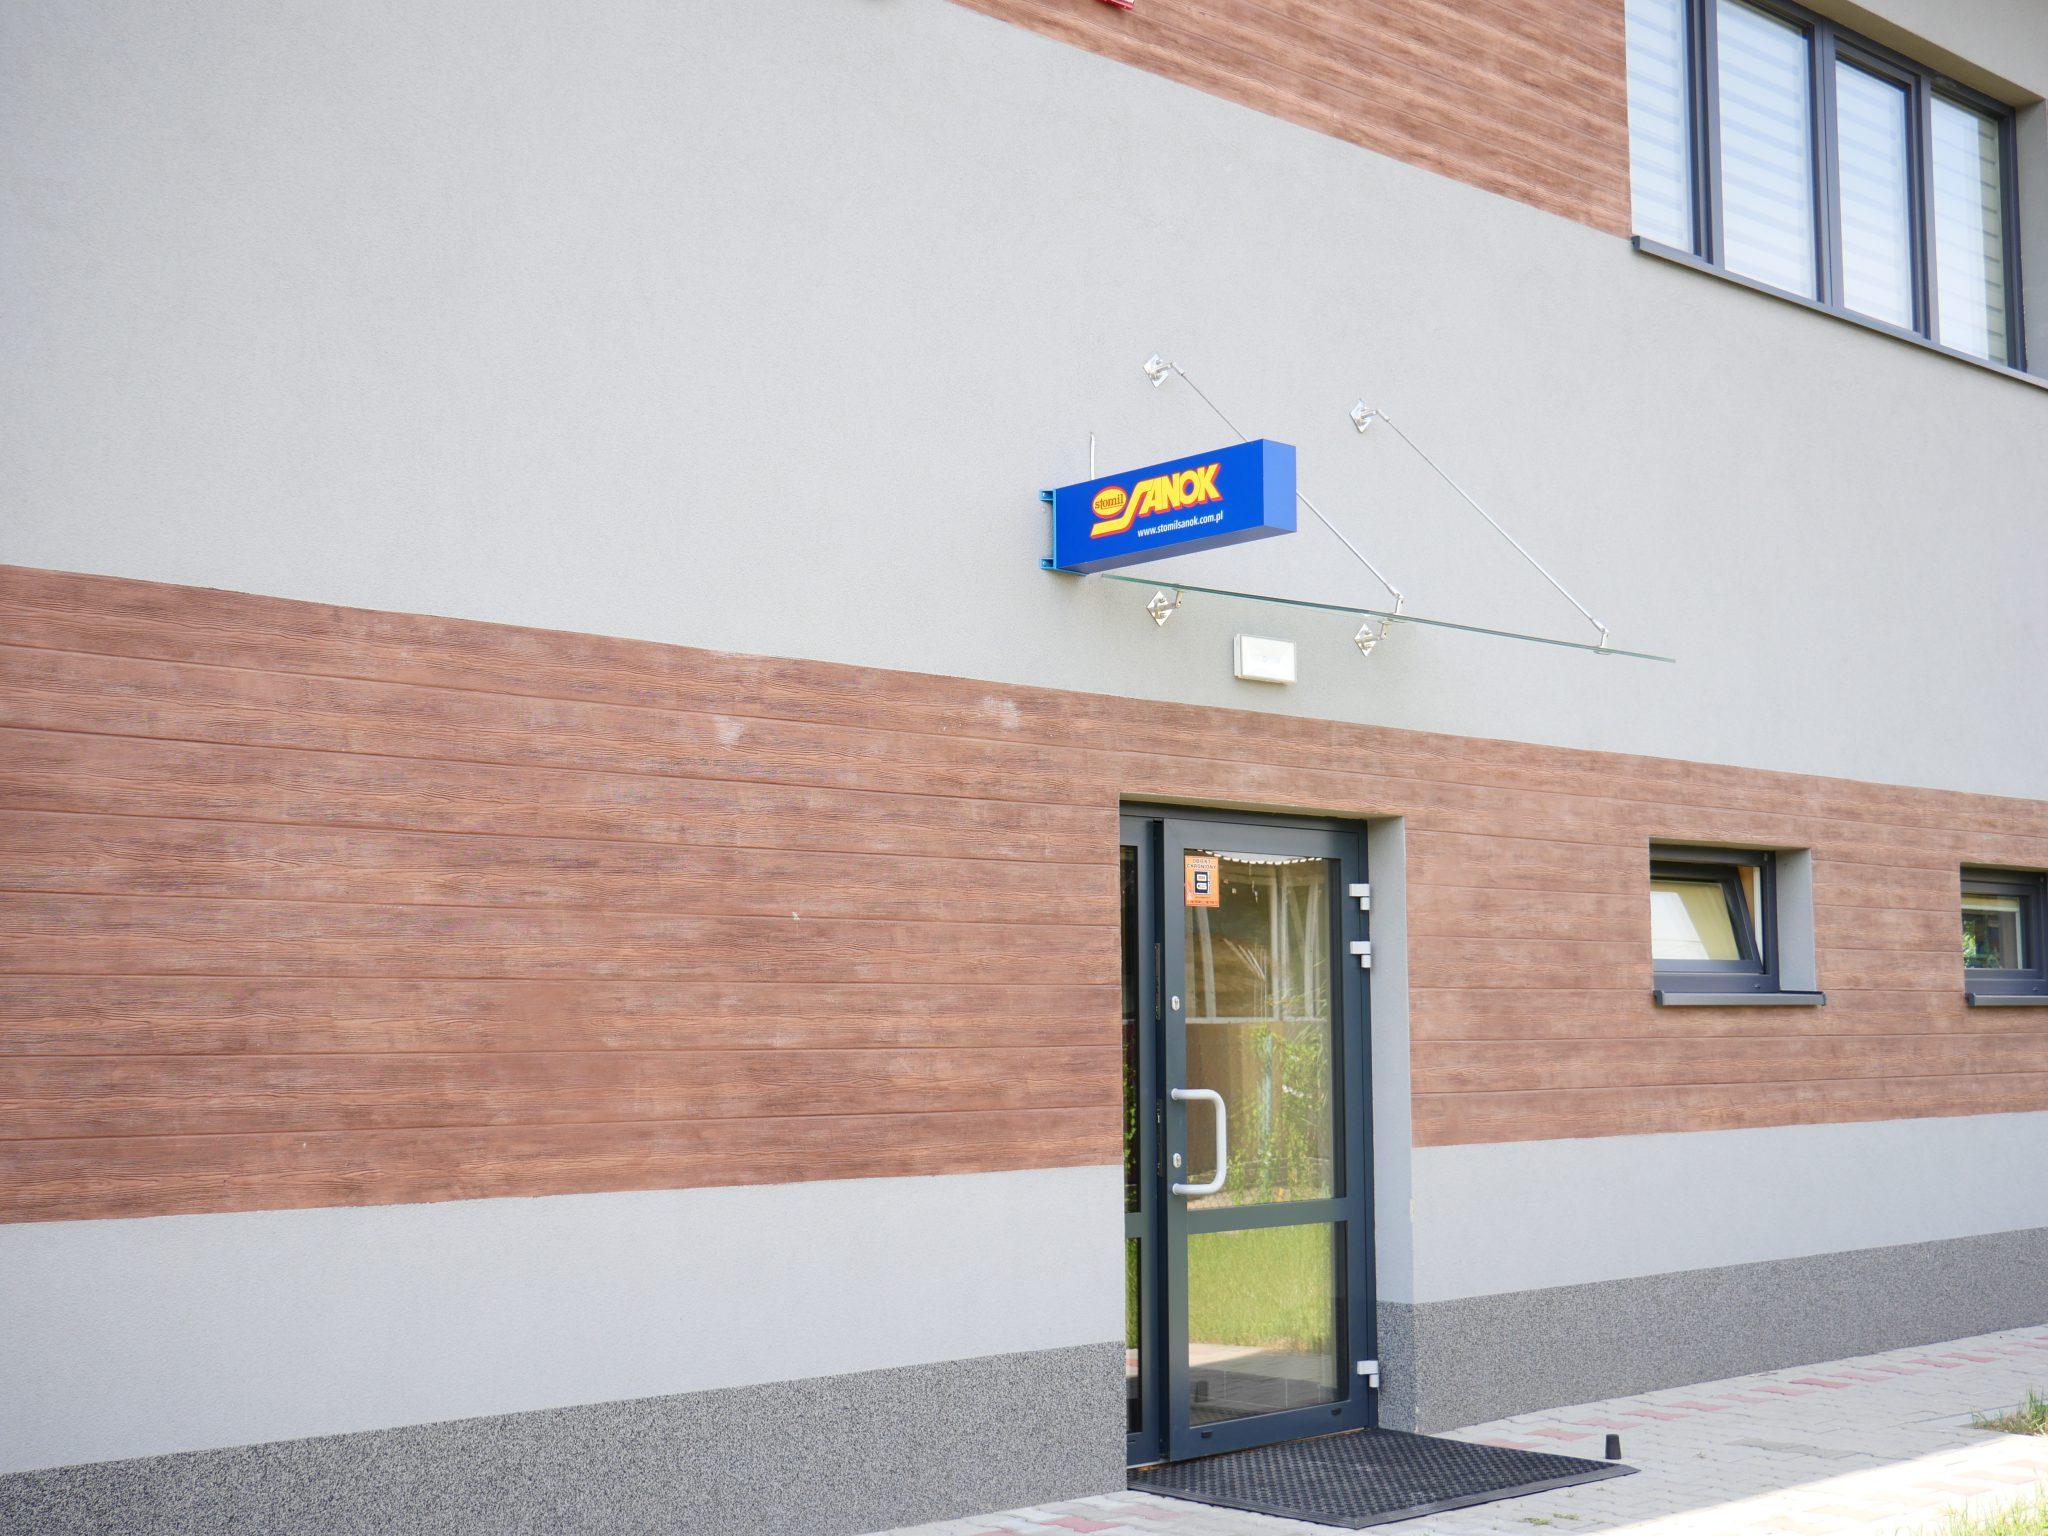 Lokal do wynajęcia, 70 m2, Dębica< WYNAJĘTY>